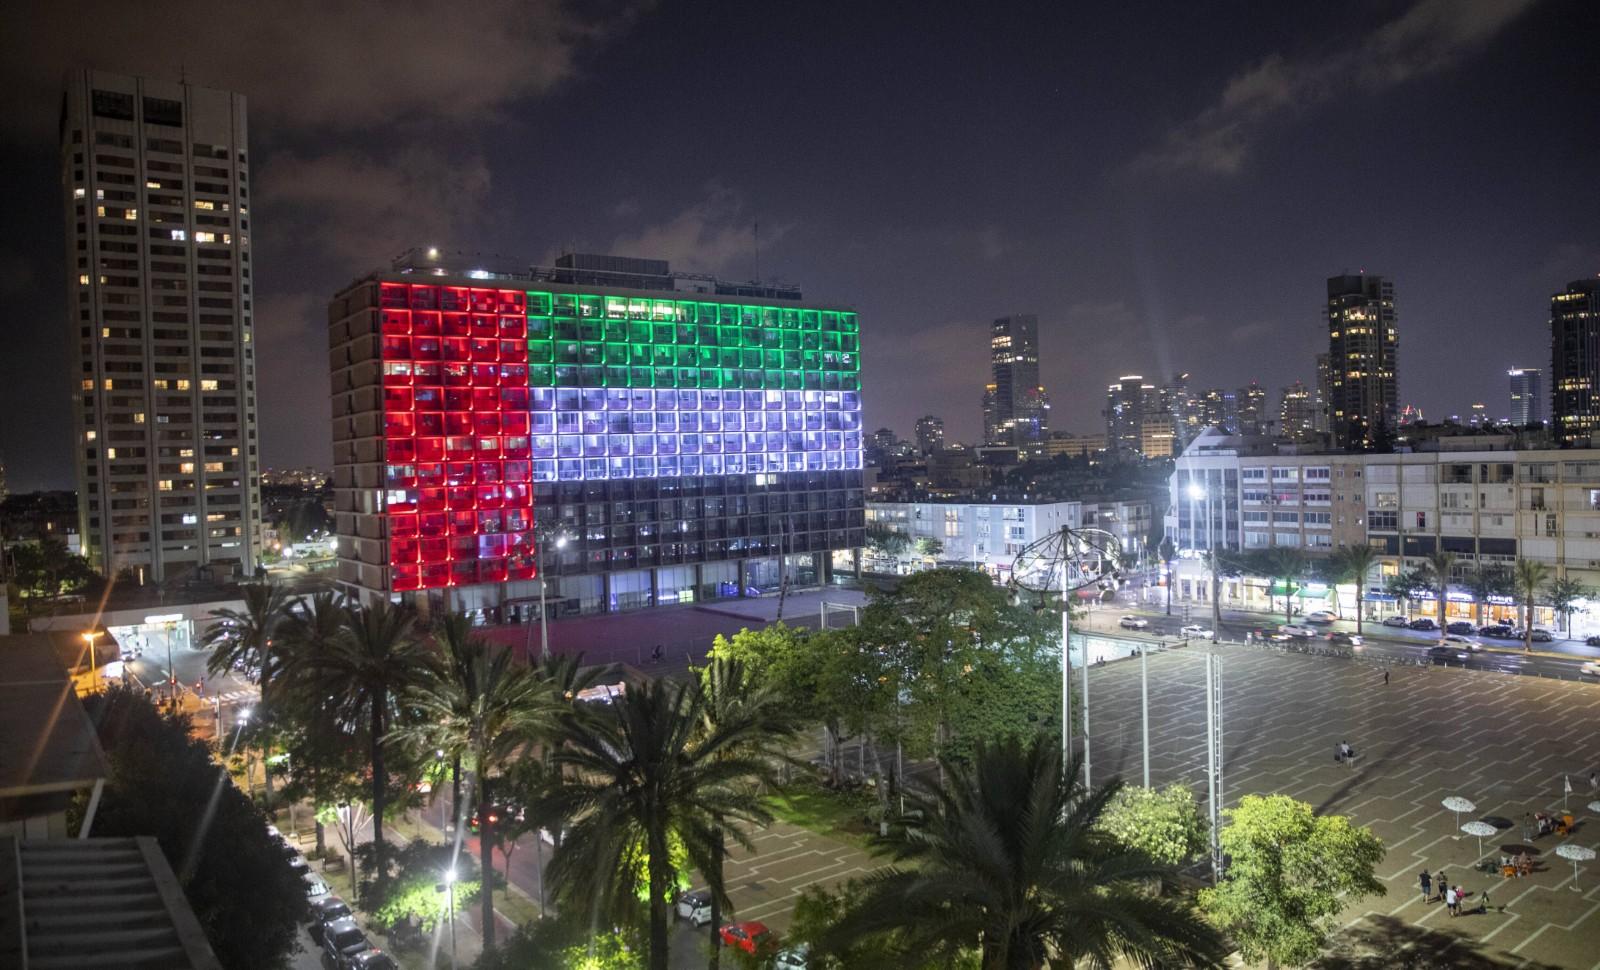 La mairie de Tel Aviv (Israël) éclairée aux couleurs du drapeau des Émirats arabes unis, août 2020 pour célébrer le rapprochement historique entre les deux pays © Oded Balilty/AP/SIPA Numéro de reportage : AP22483490_000001